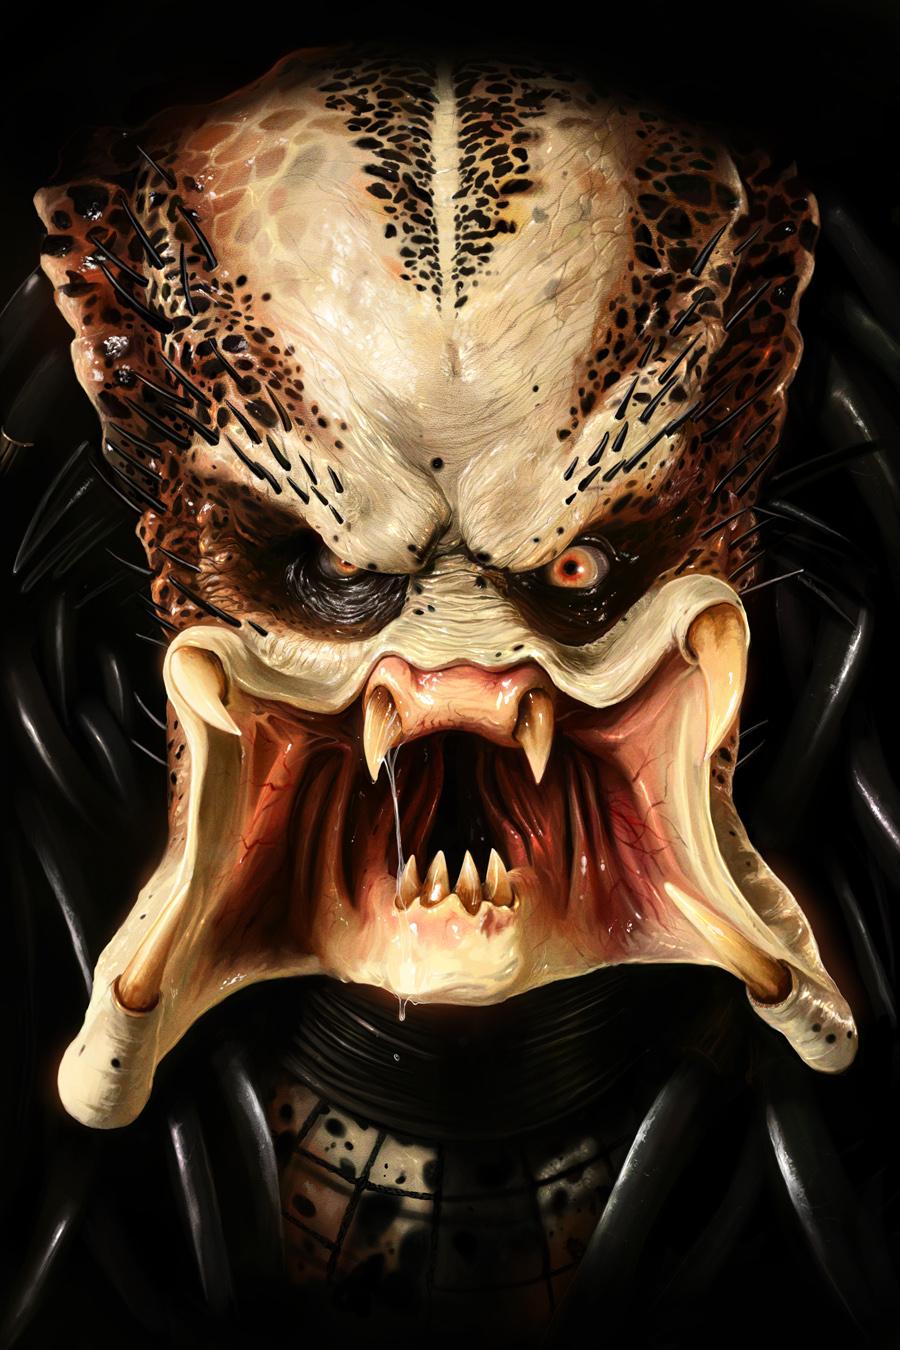 Хищник, обои для рабочего стола, predator wallpaper